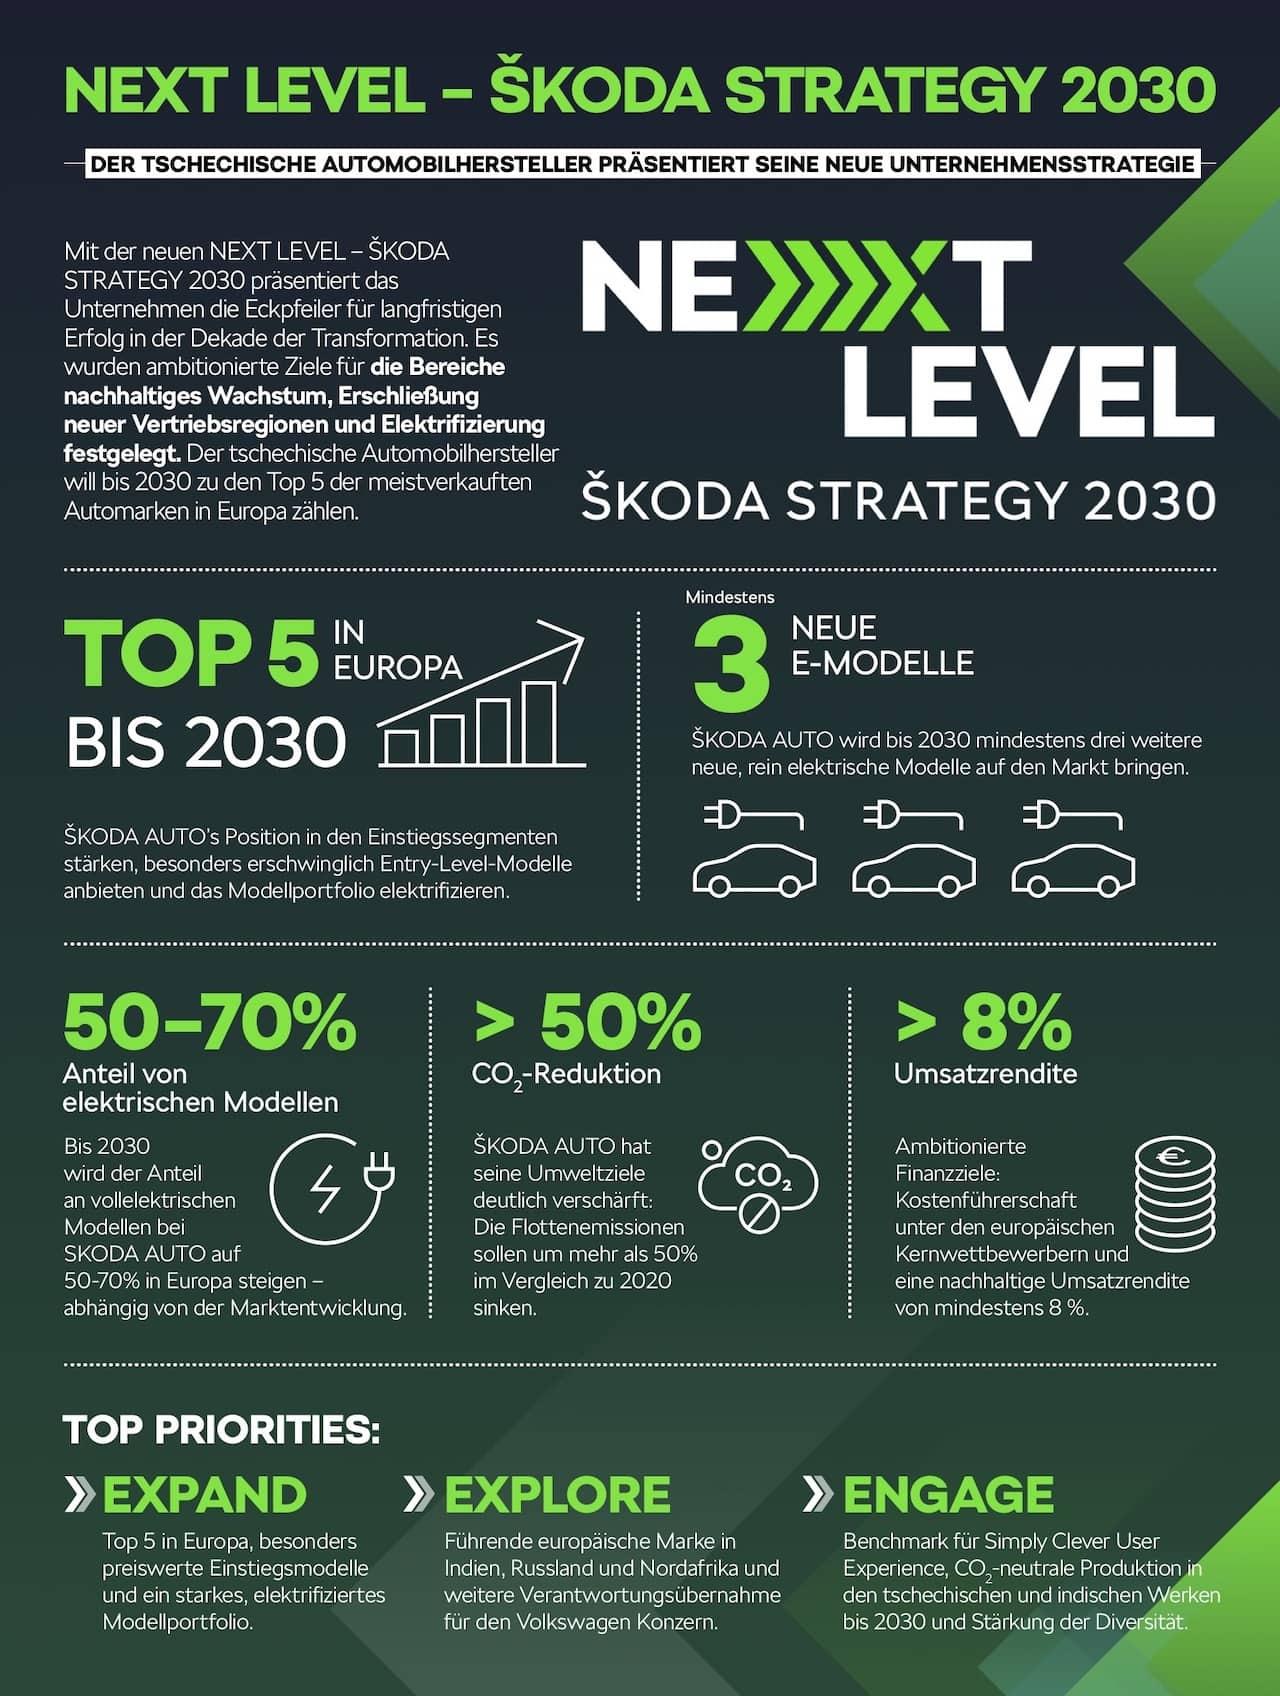 Skoda-Elektromobilität-Digitalisierung-Strategie-2030